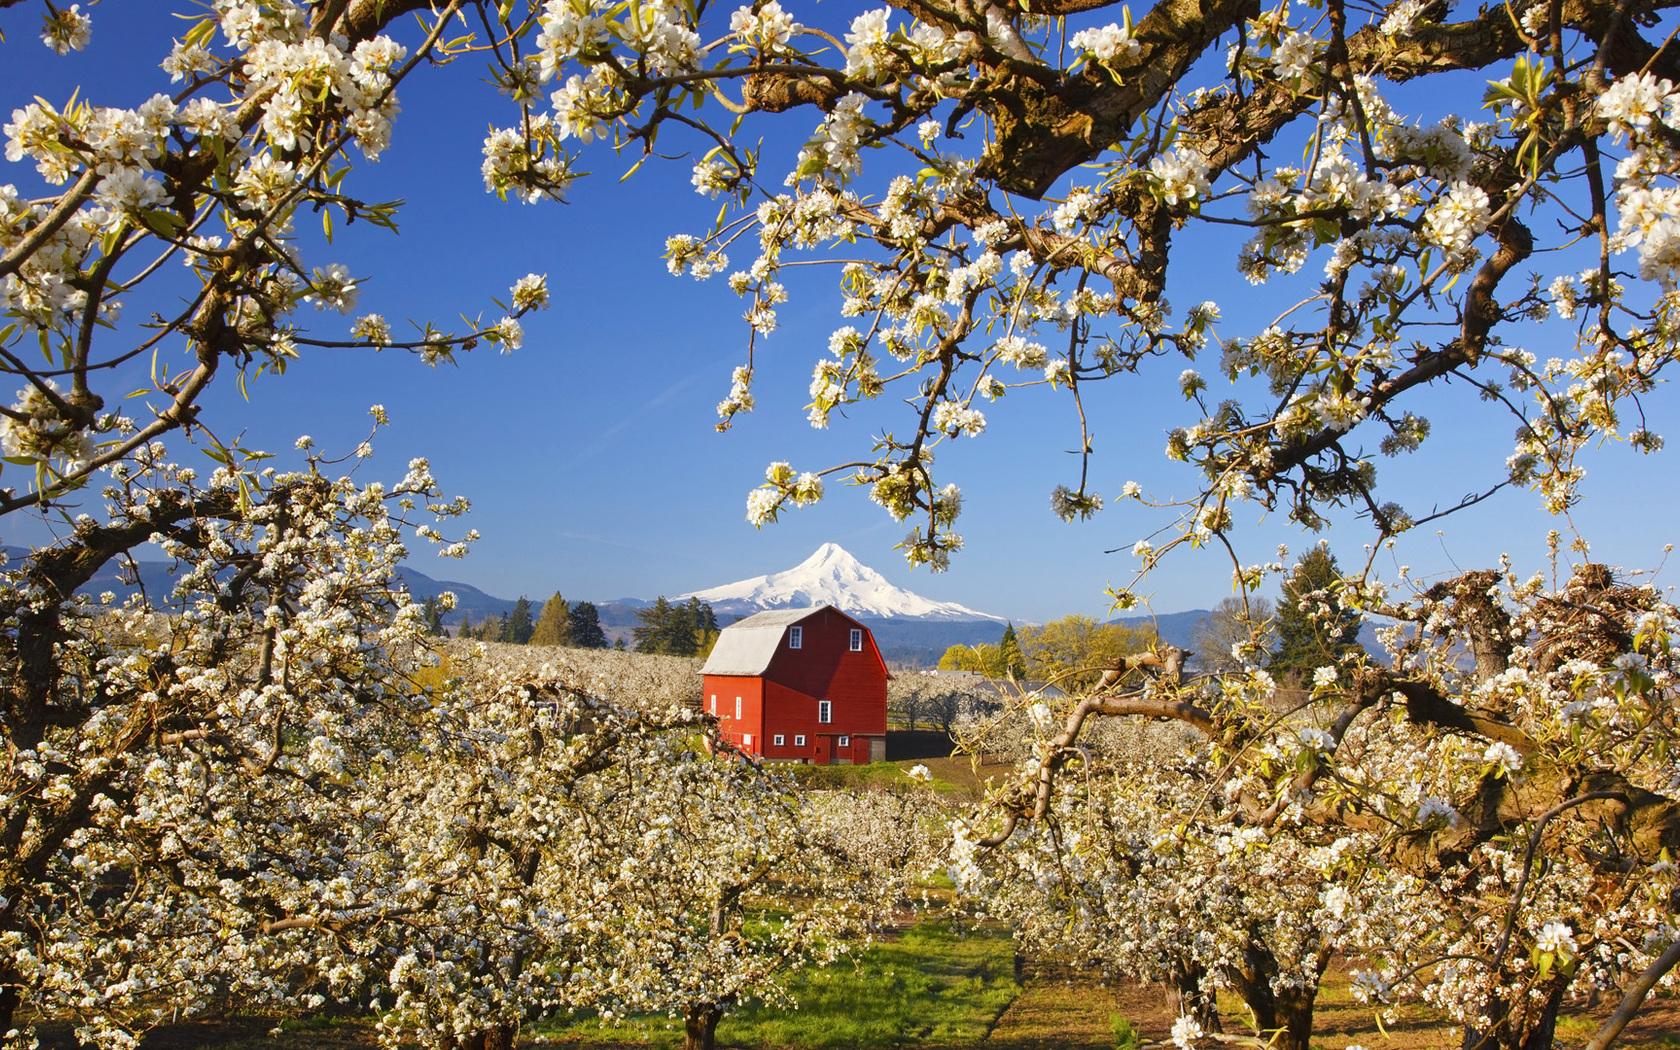 Природа пейзаж весна яблони дом